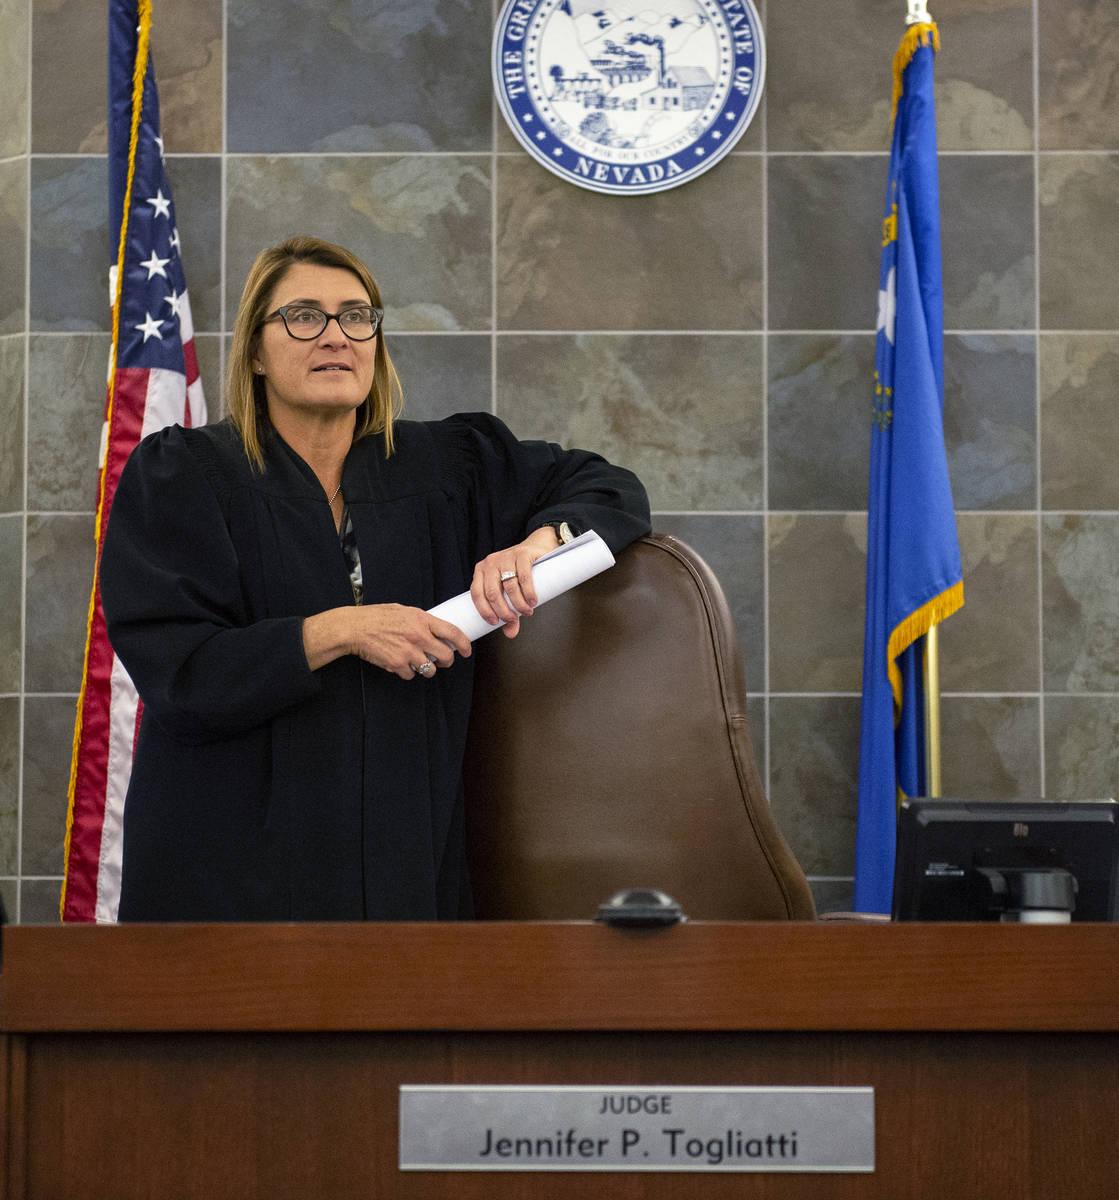 La jueza de distrito, Jennifer Togliatti, se presenta en su sala del Centro de Justicia Regiona ...